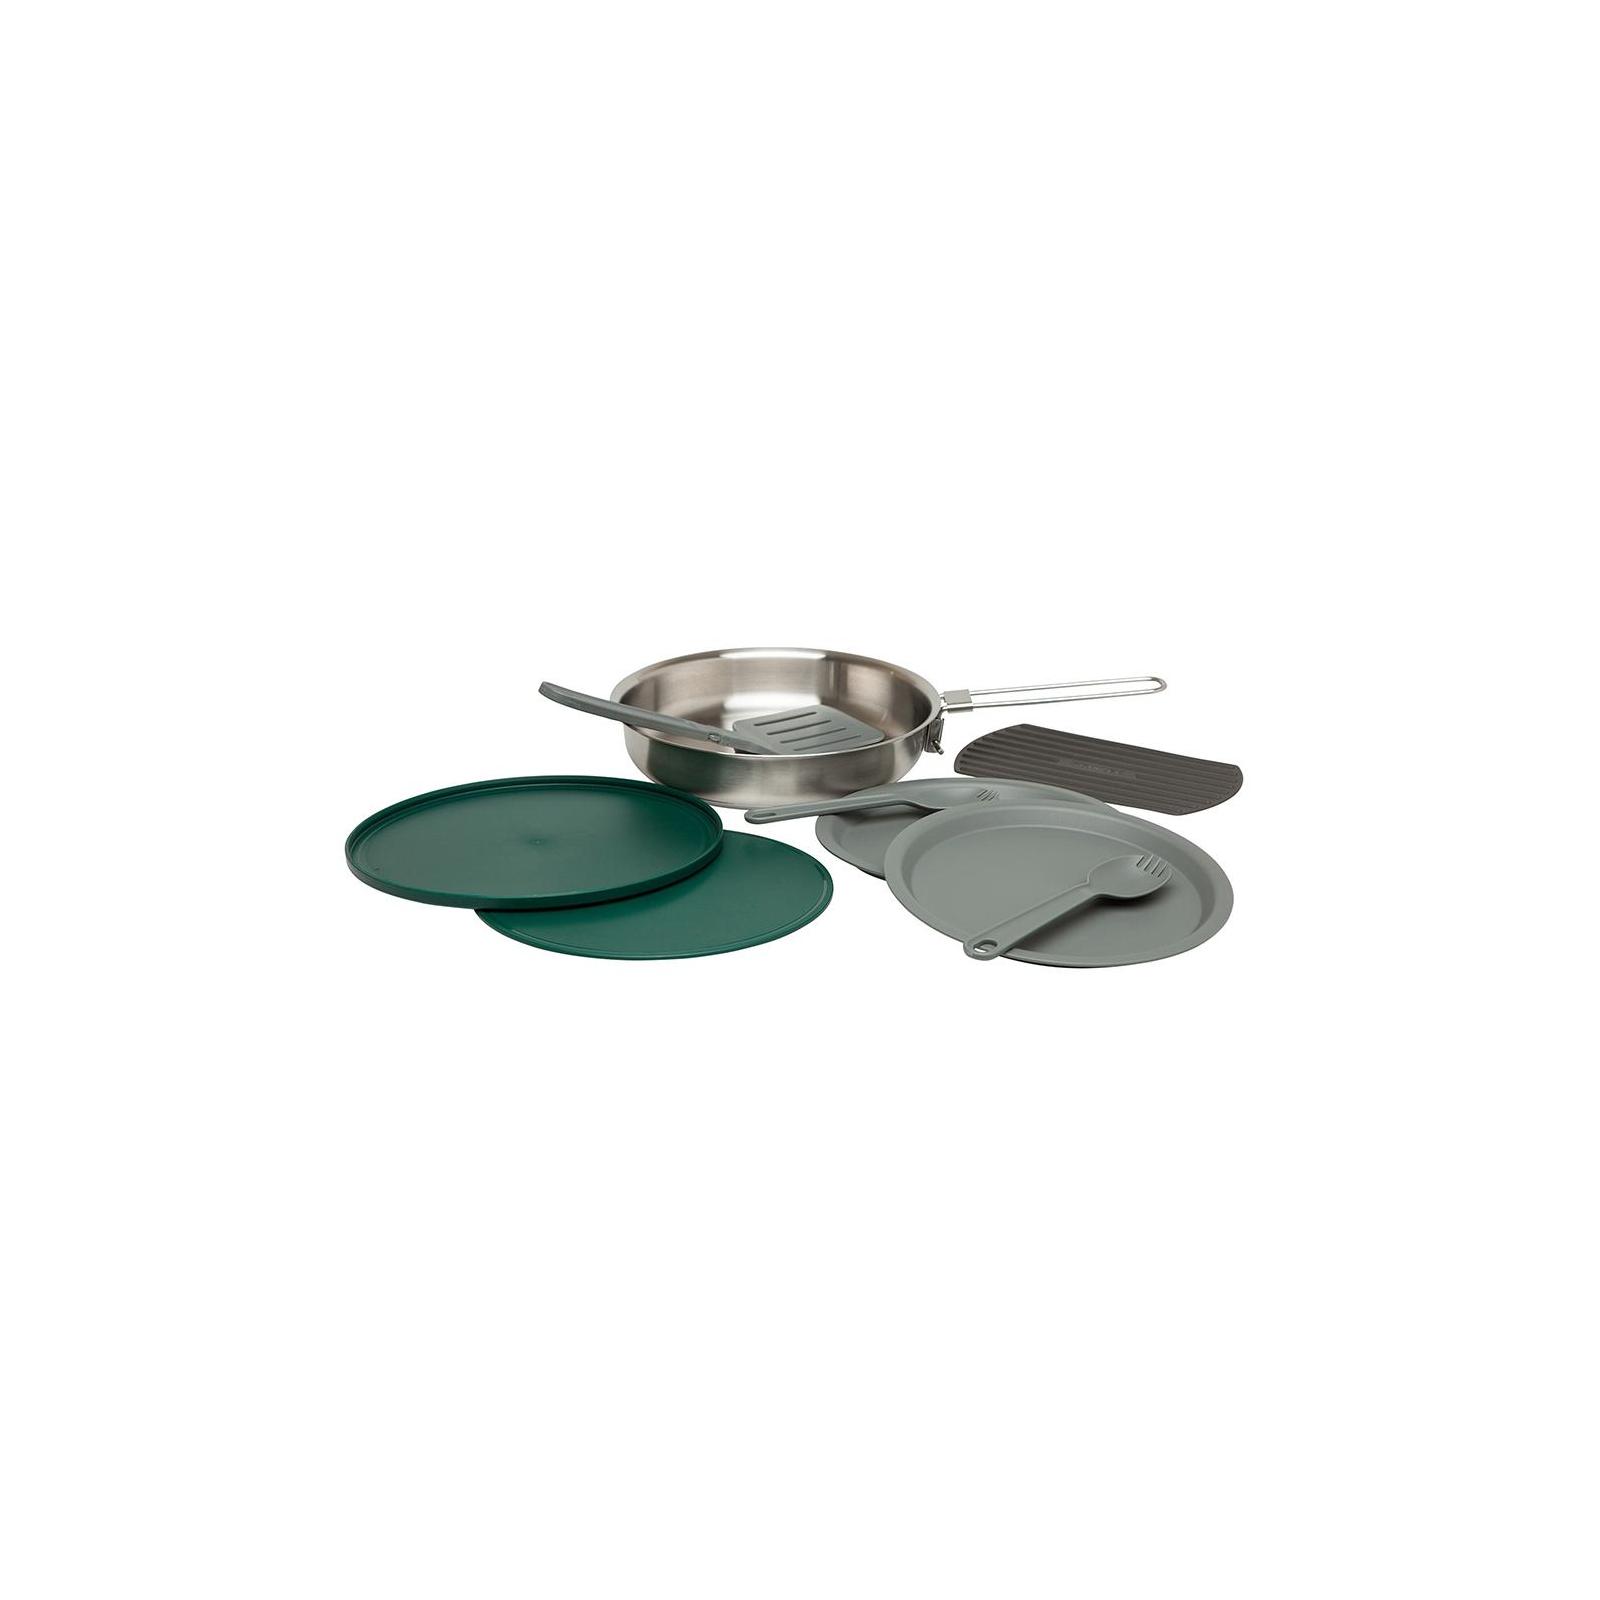 Набор туристической посуды Stanley Adventure Fry Pan 0.95 Л (6939236350013)